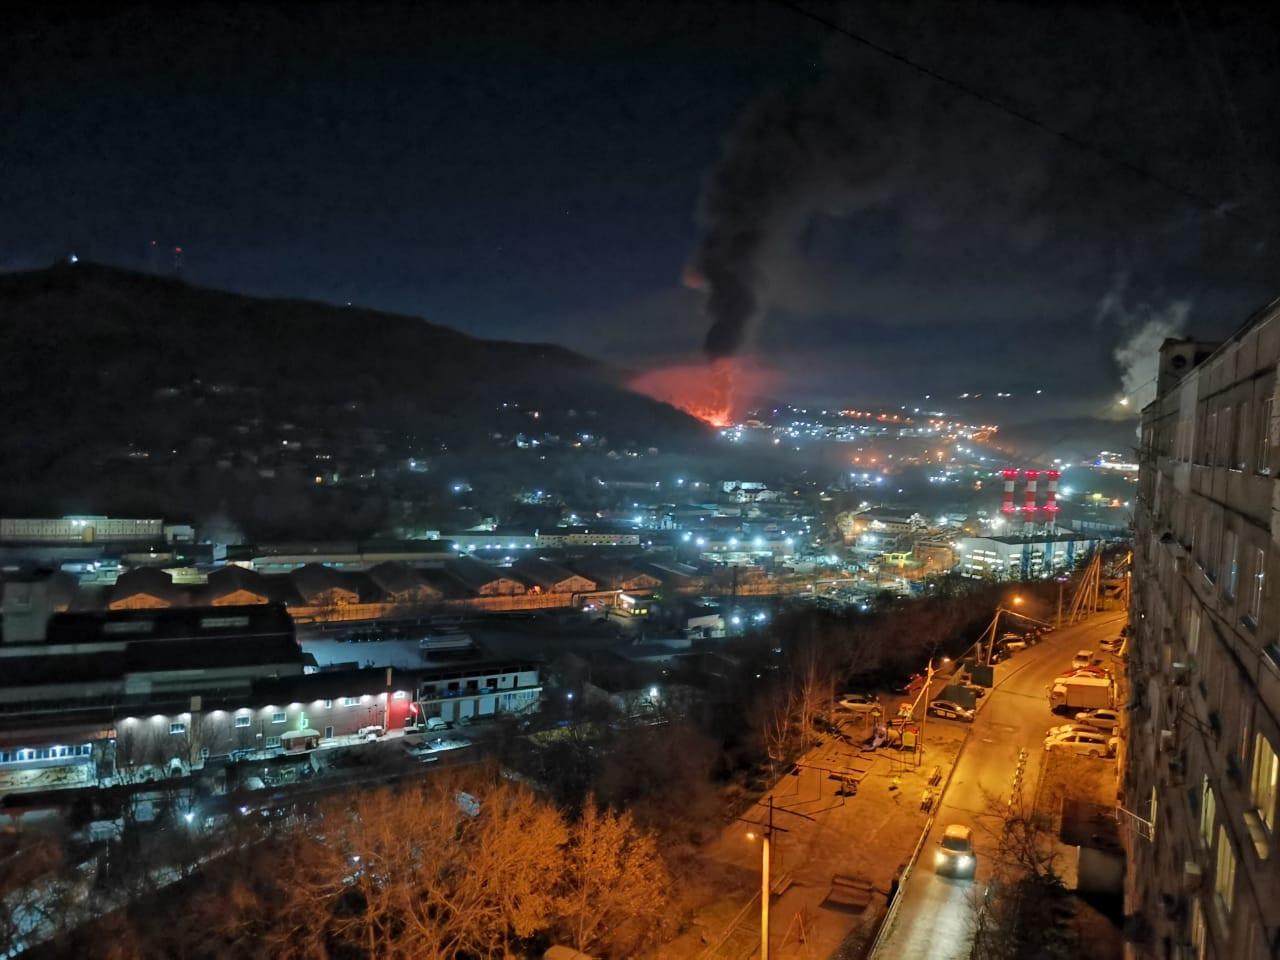 Ночной пожар уничтожил склад у «Китай-города»